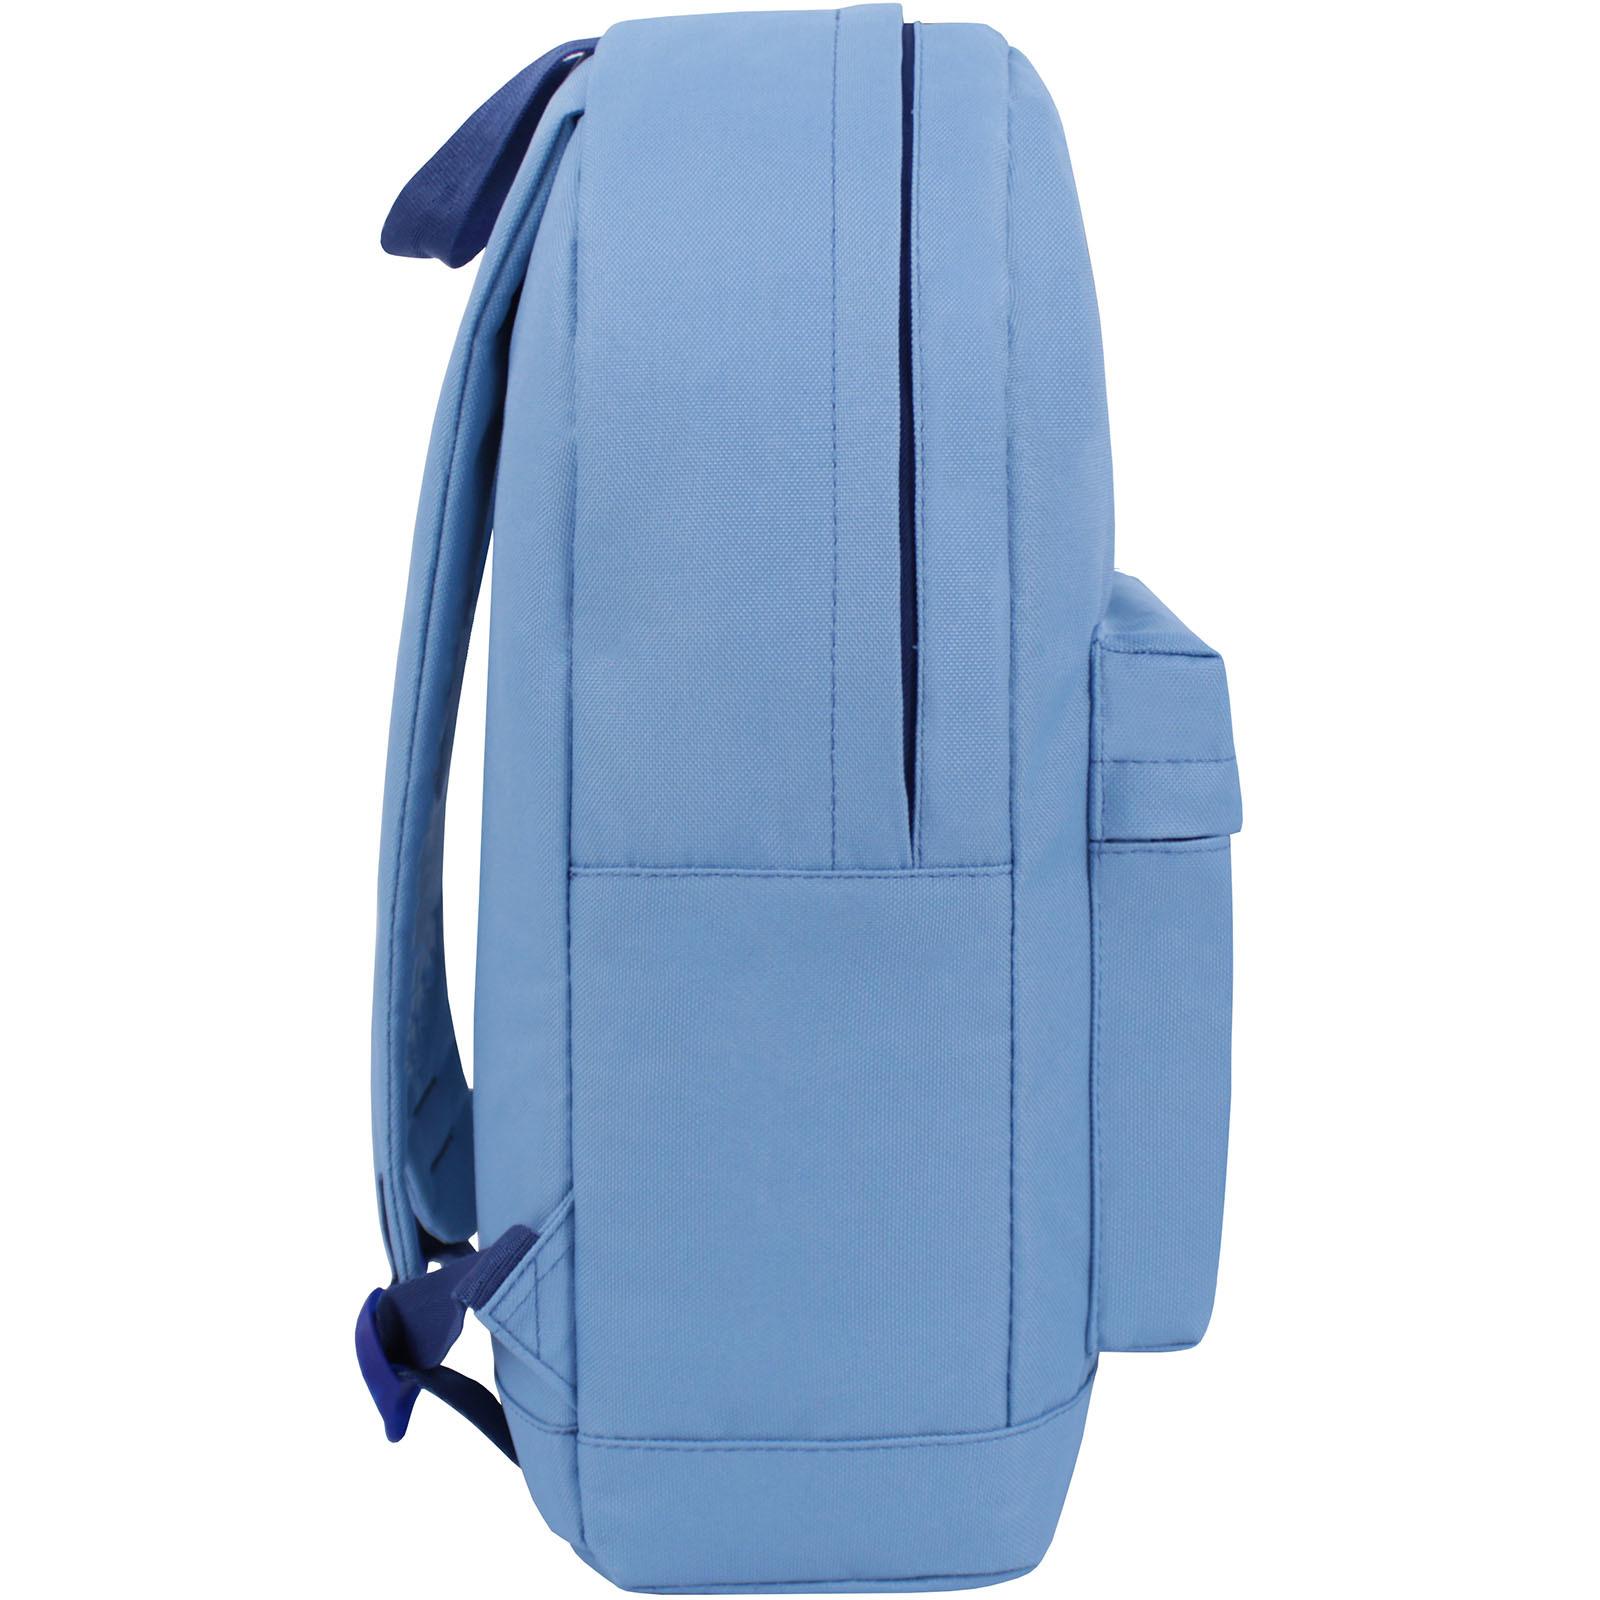 Рюкзак Bagland Молодежный W/R 17 л. голубой (00533662) фото 2